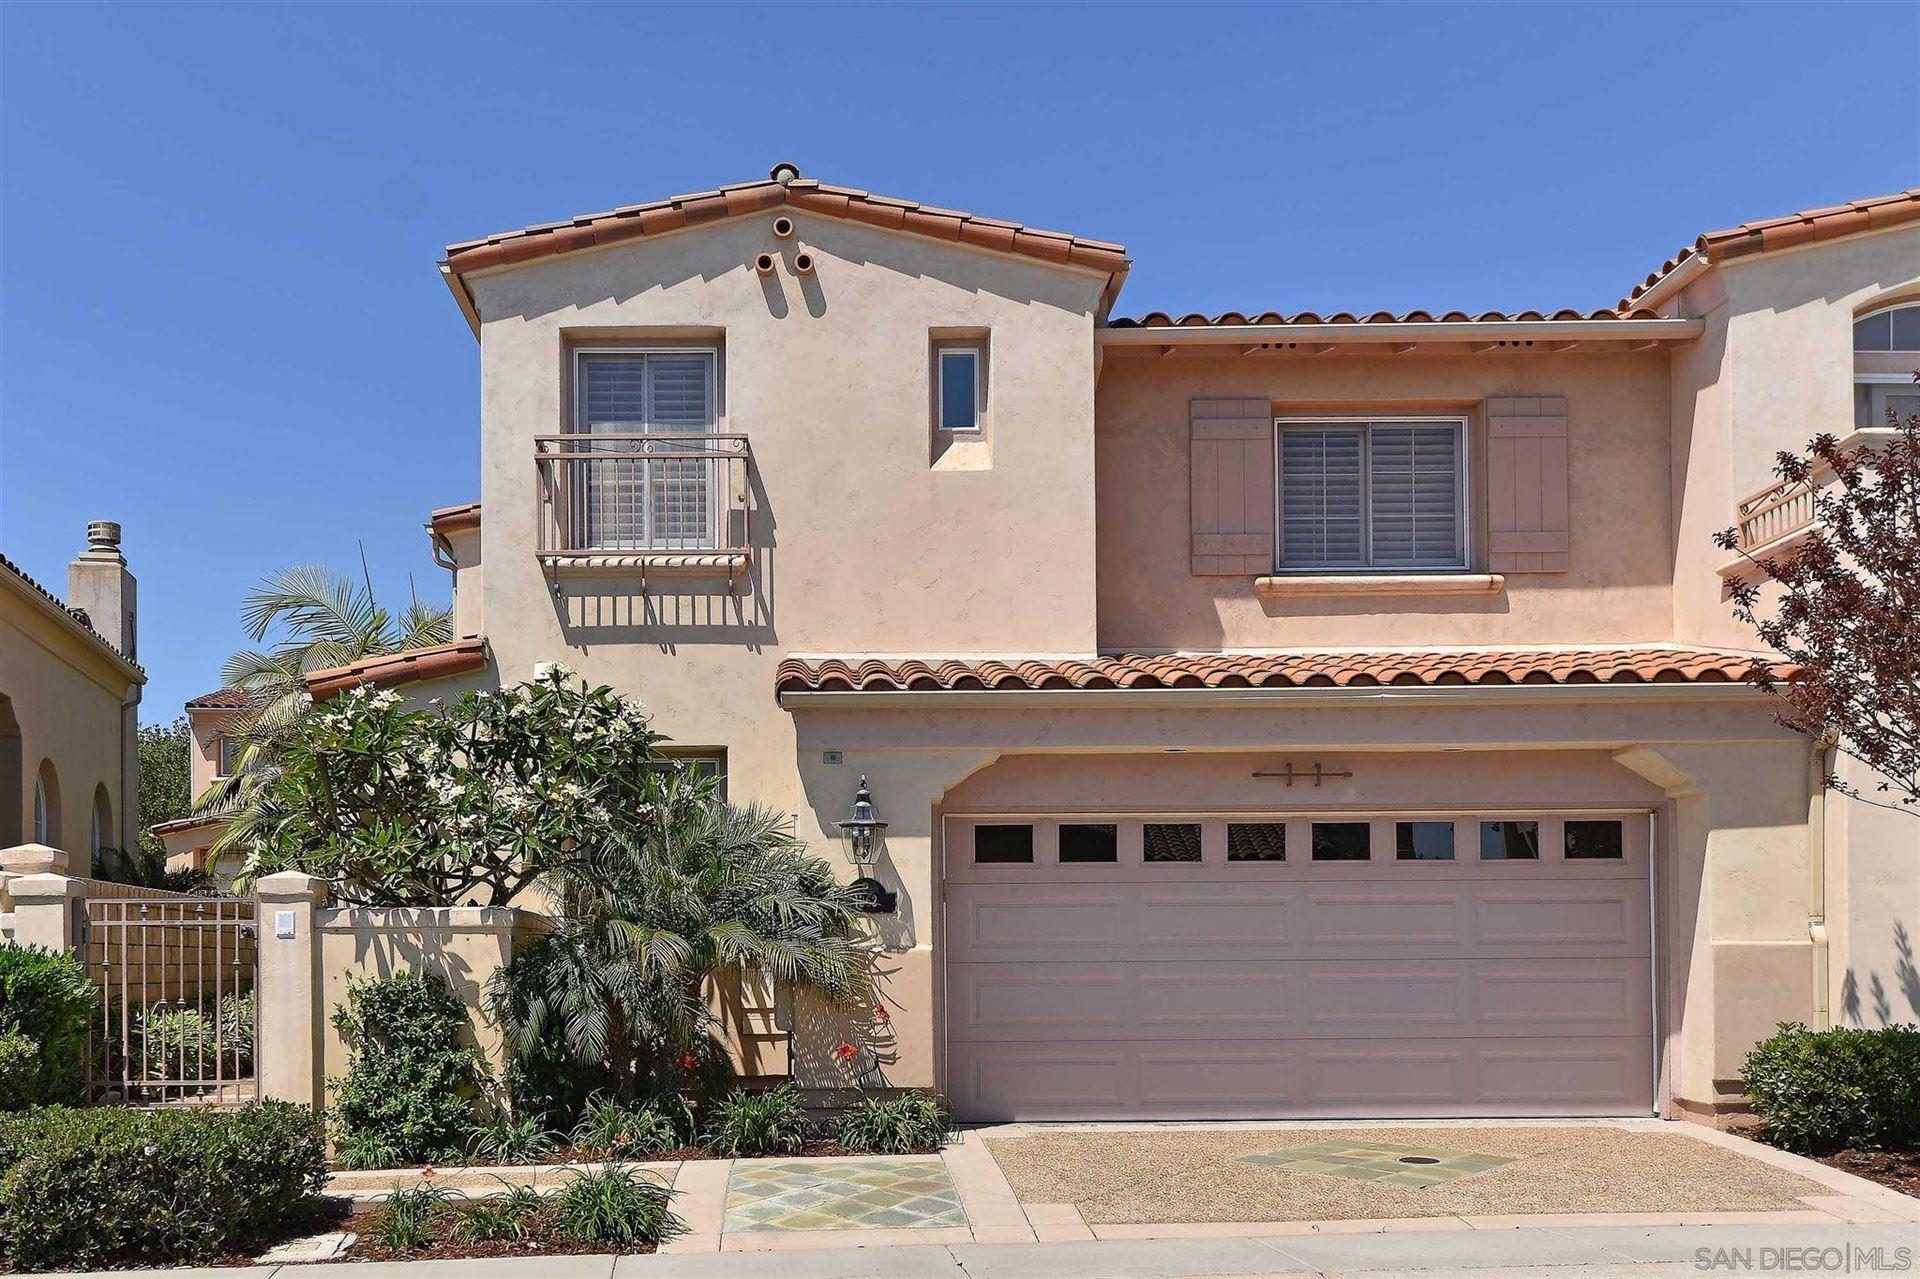 Photo of 1362 Caminito Arriata, La Jolla, CA 92037 (MLS # 210021666)